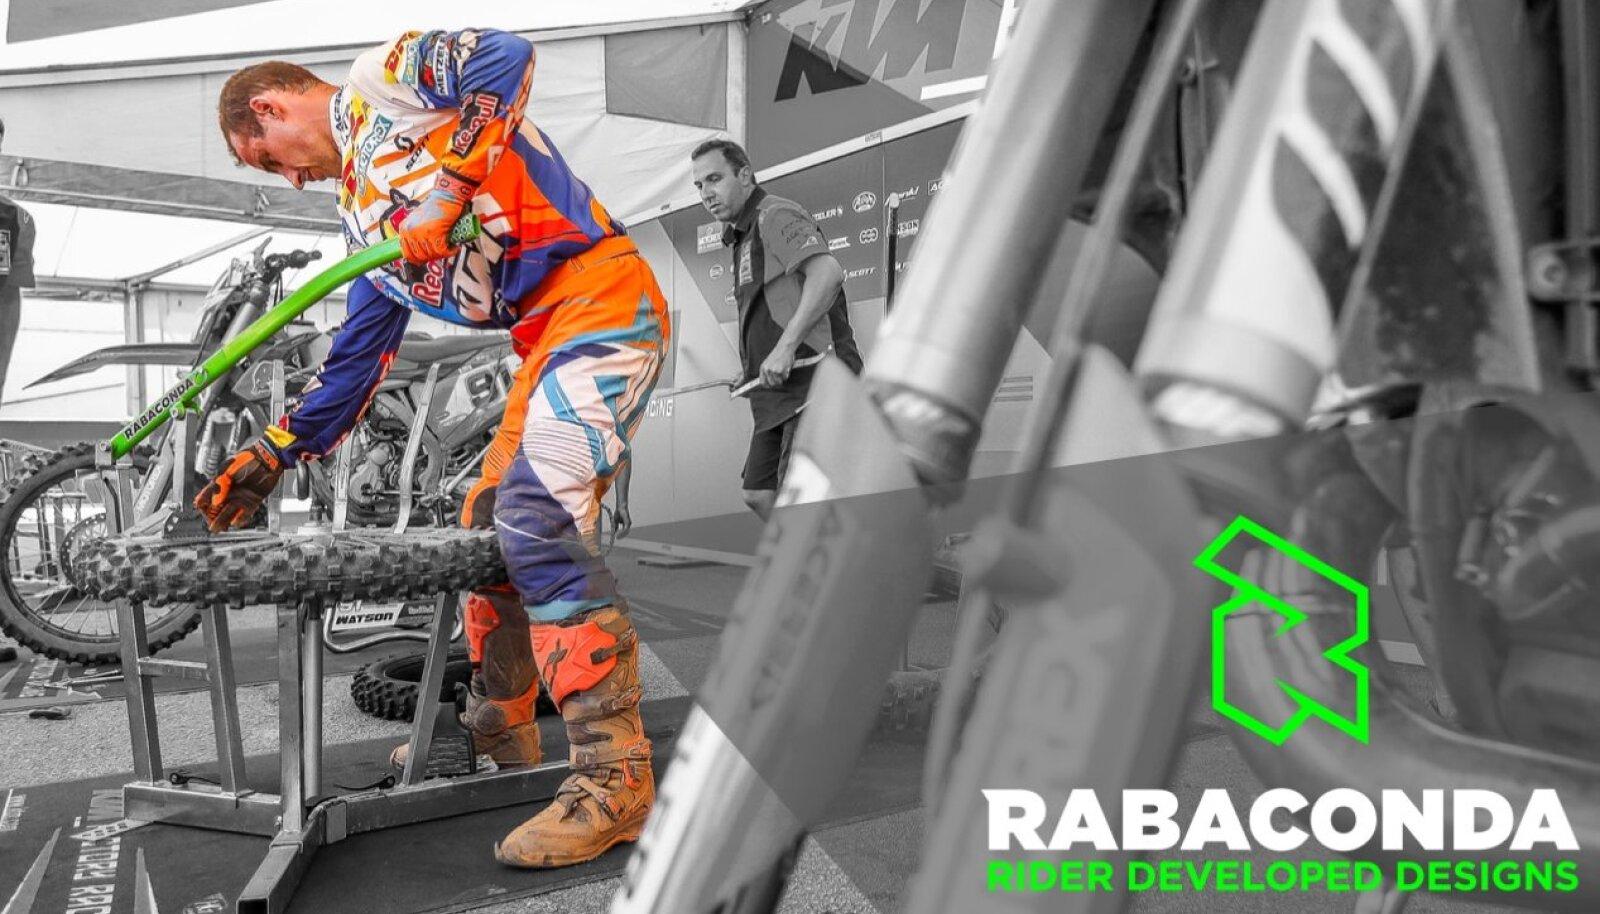 Motosportlaste hulgas on palju leidlike ja osavaid inimesi, kes on loonud väga praktilisi ja ägedaid tööriistu ja vidinaid tsiklitele. Rabaconda missiooniks on aidata need leiutised nende garaažist välja, viimistleda tooteks ning teha kättesaadavaks.